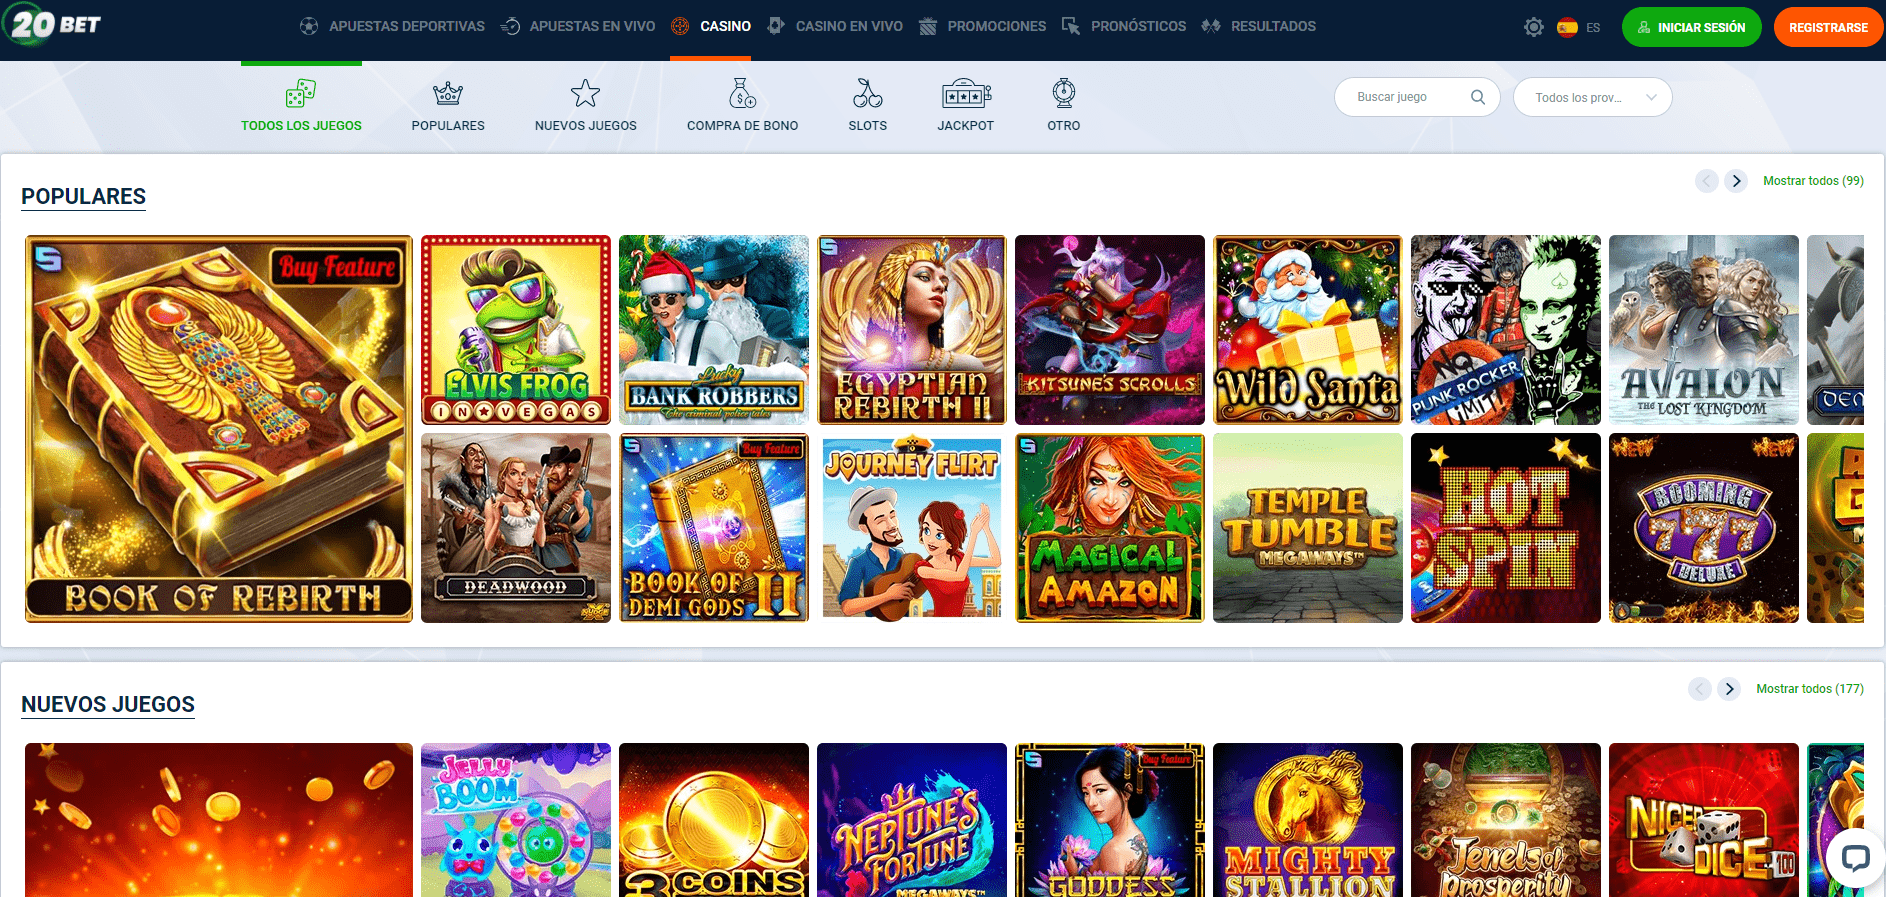 lista de juegos 20Bet Casino